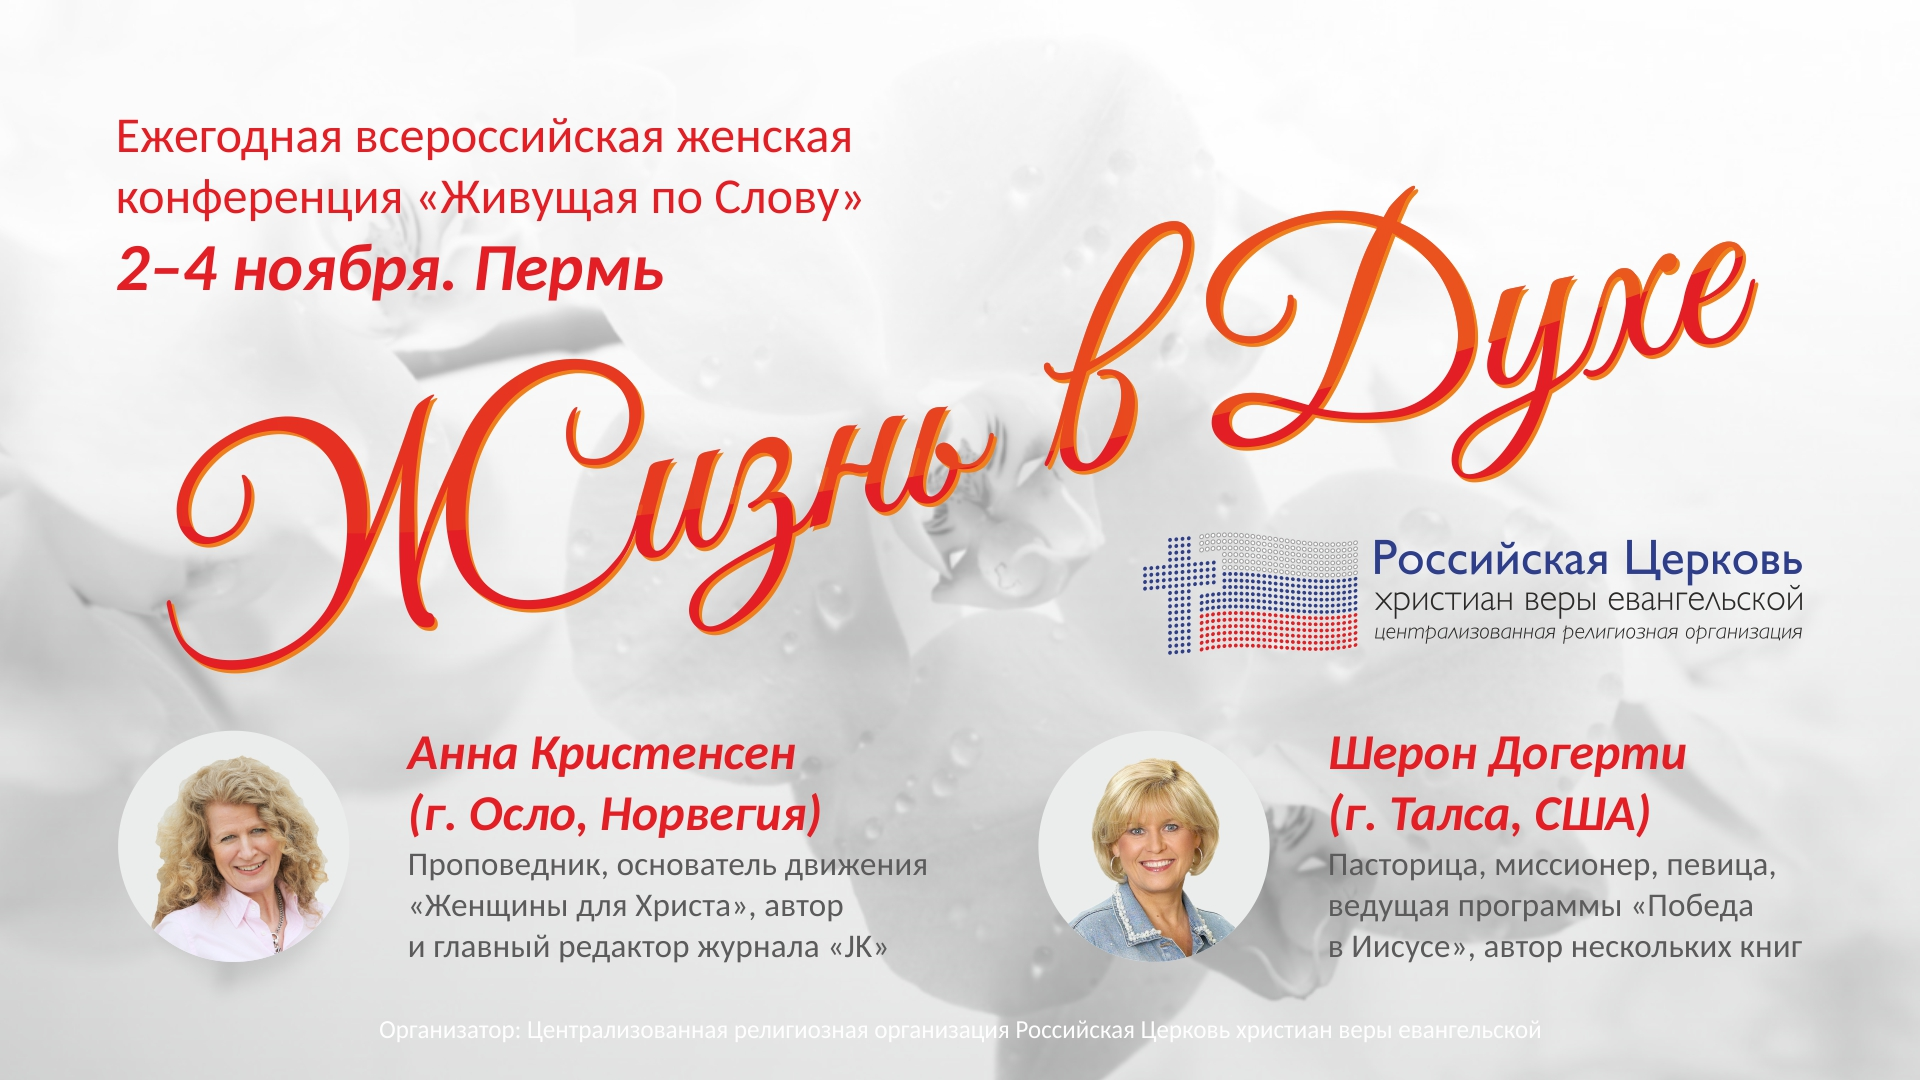 Всероссийская женская конференция «Жизнь в Духе»